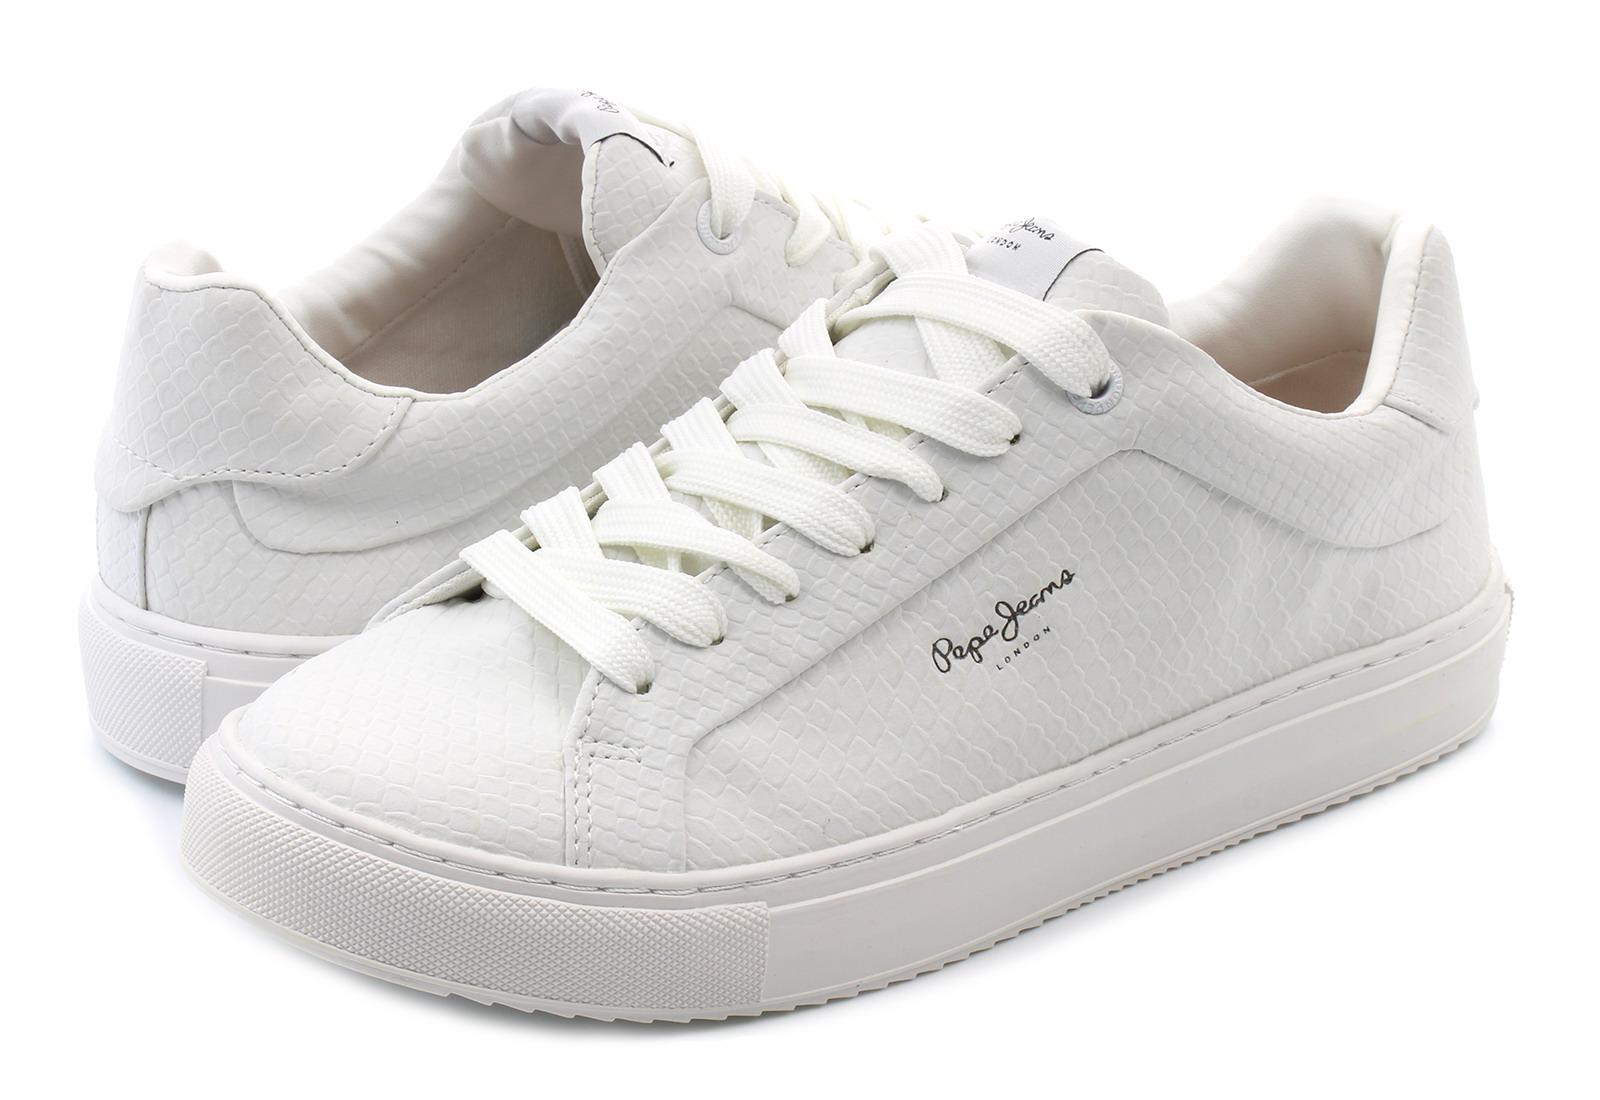 Pepe Jeans Cipő - Adams - PLS30603802 - Office Shoes Magyarország b0744615e4